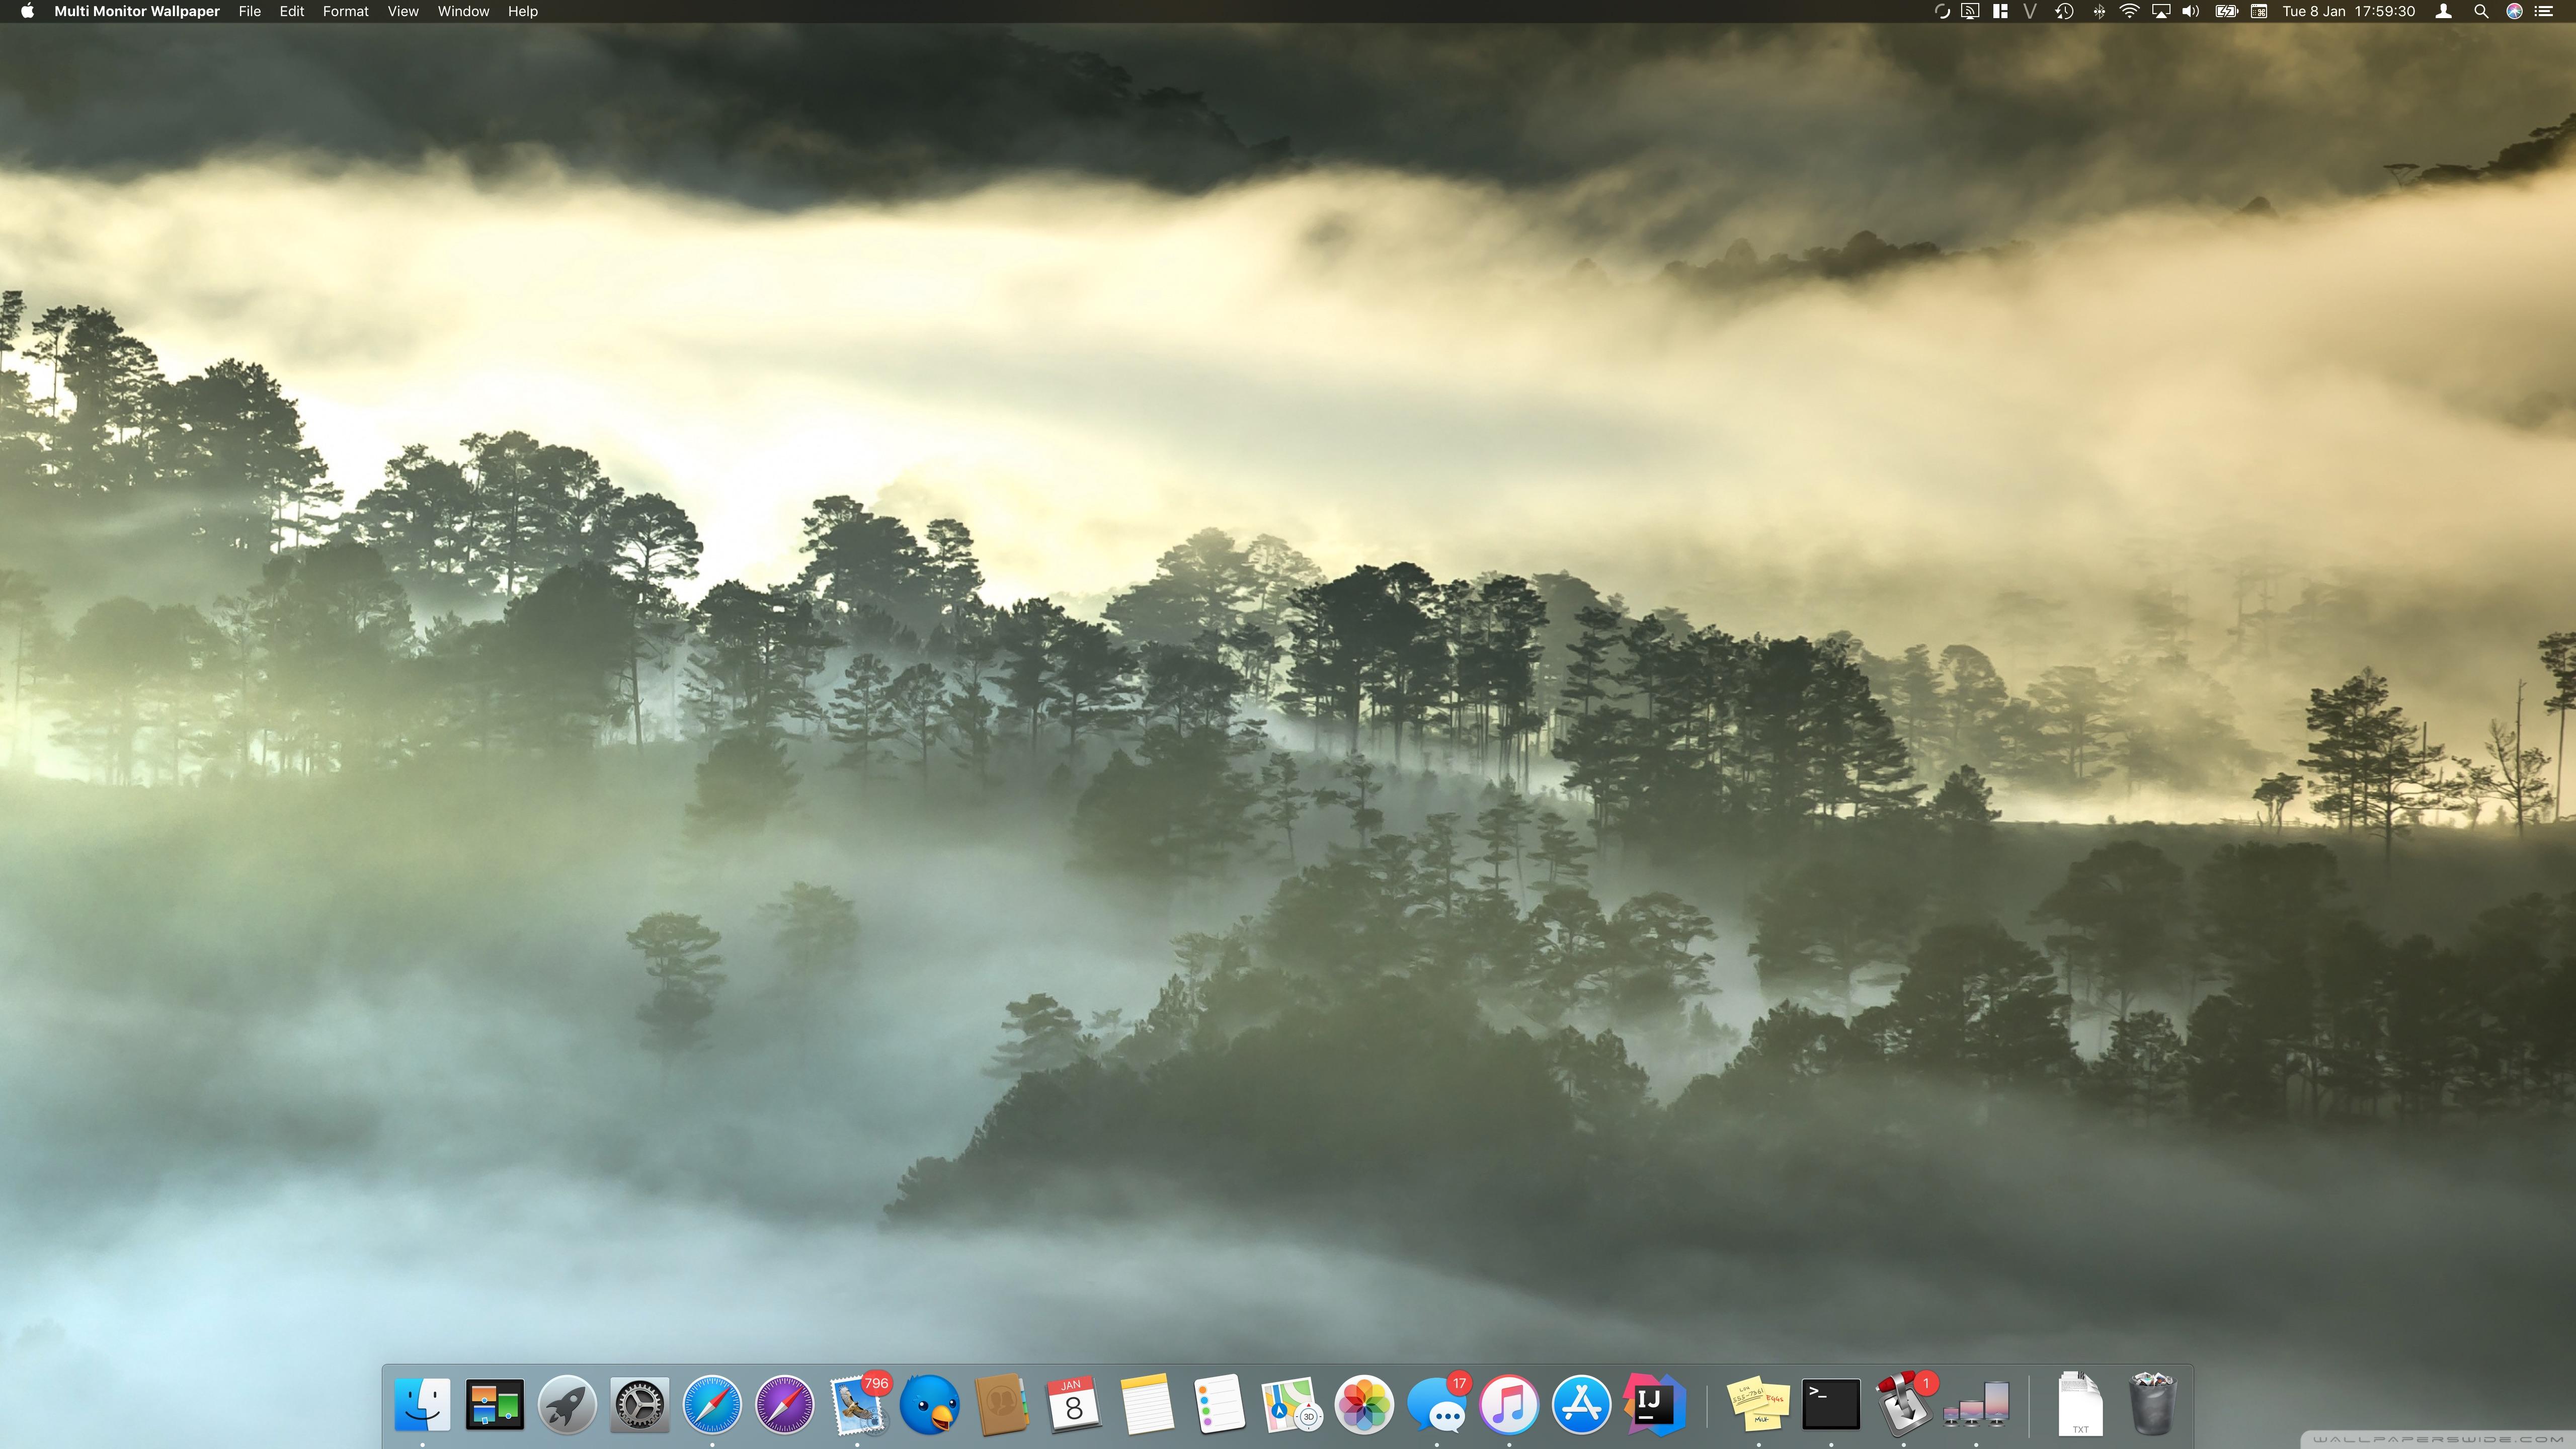 Screen Shot 2019-01-08 at 17.59.30 (2).jpeg